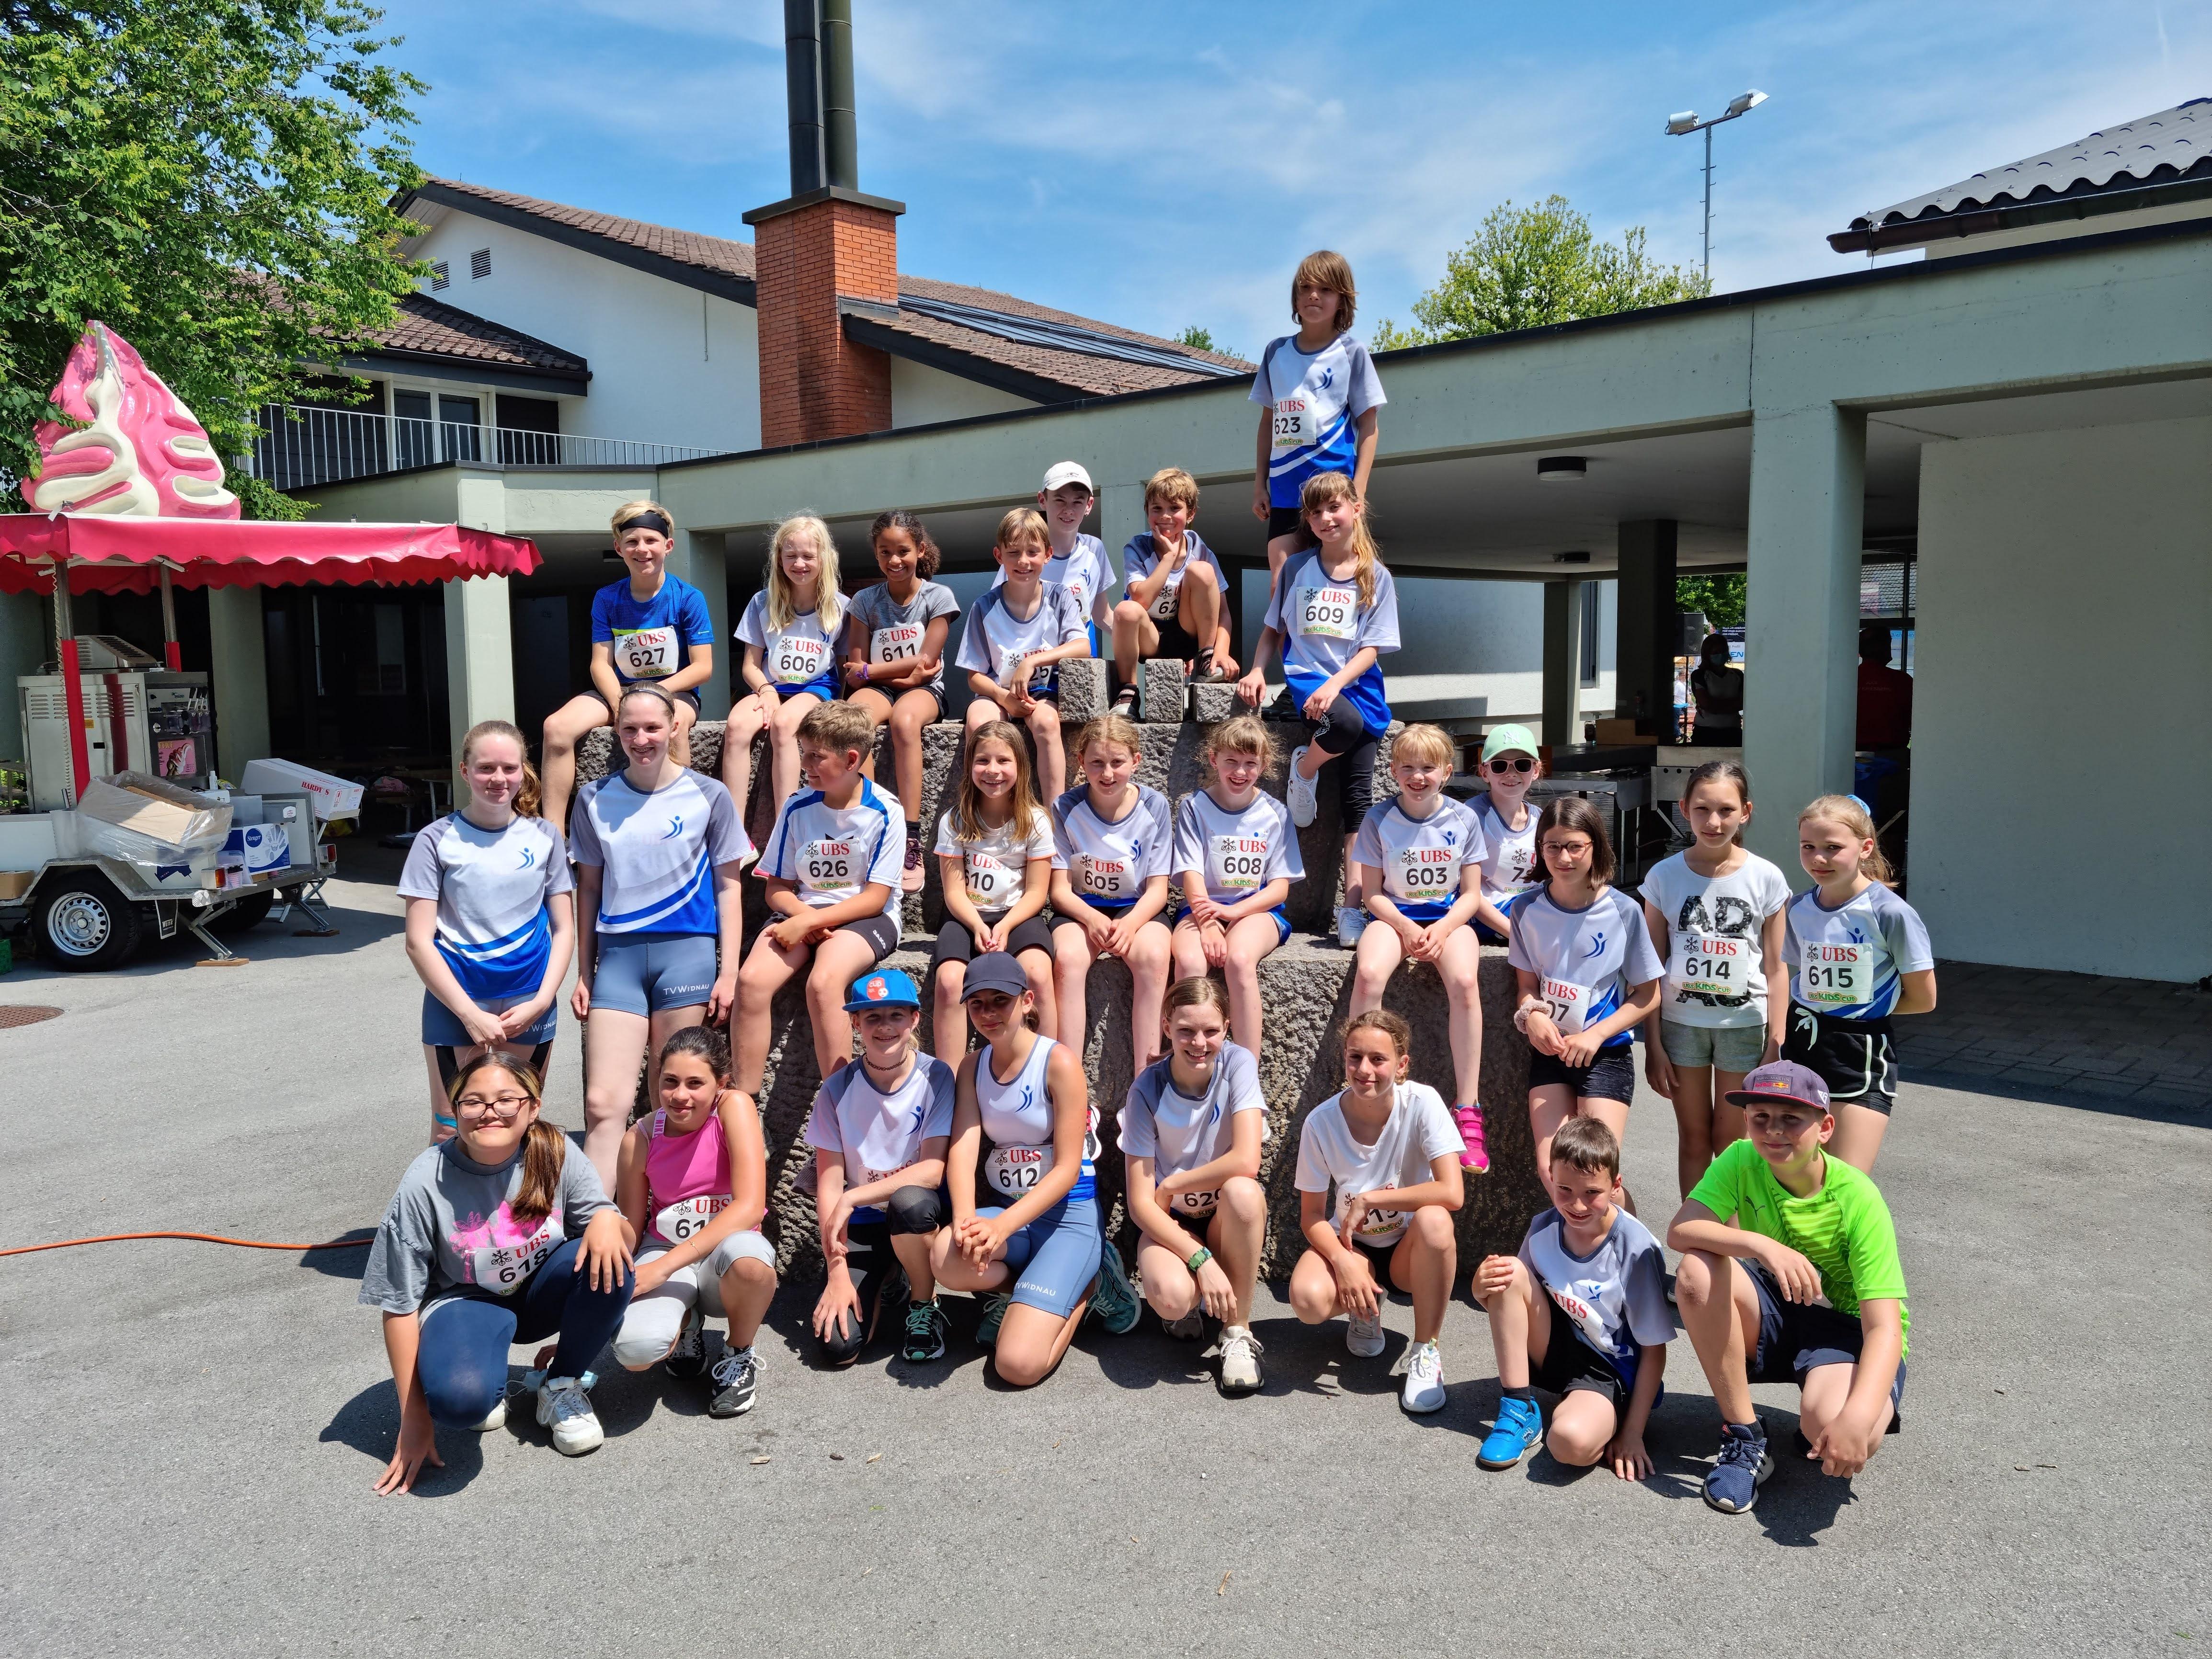 UBS Kids Cup Kriessern